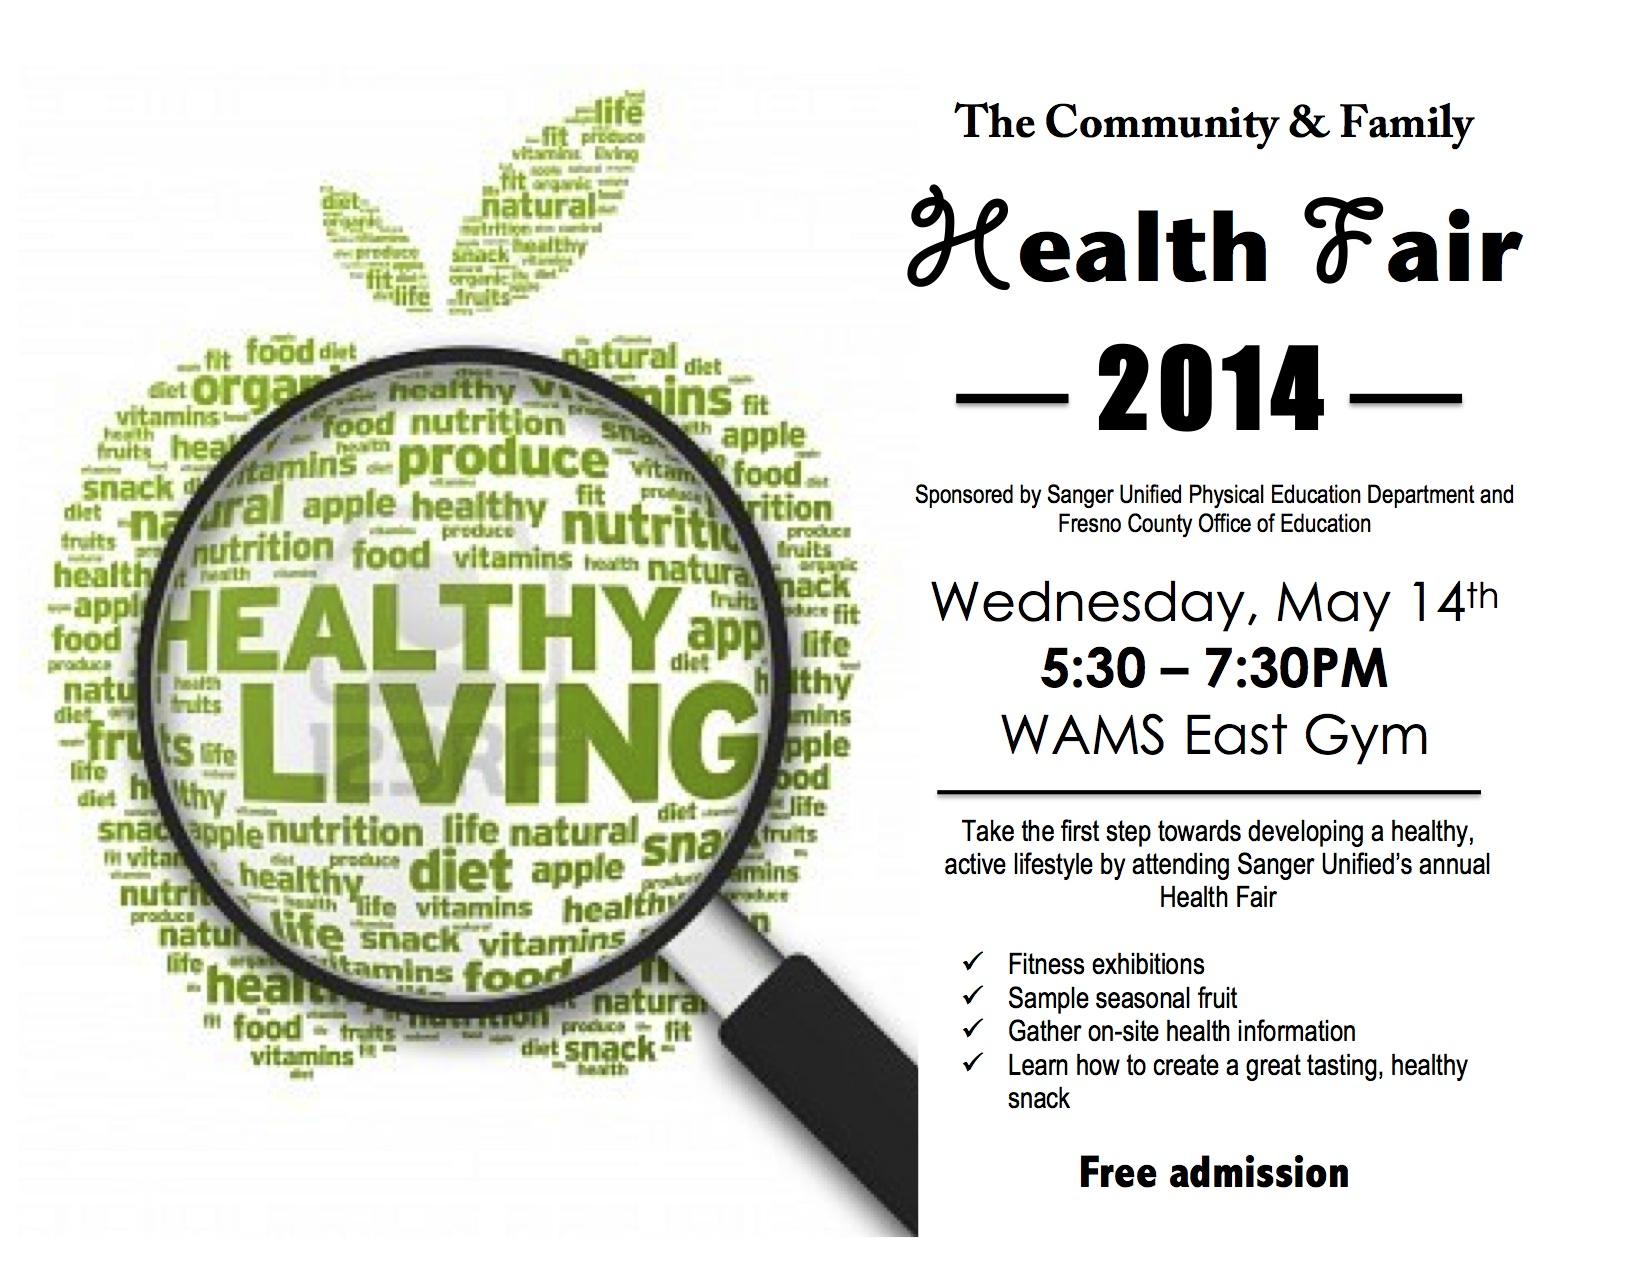 Community Amp Family Health Fair 2014 The Sanger Scene